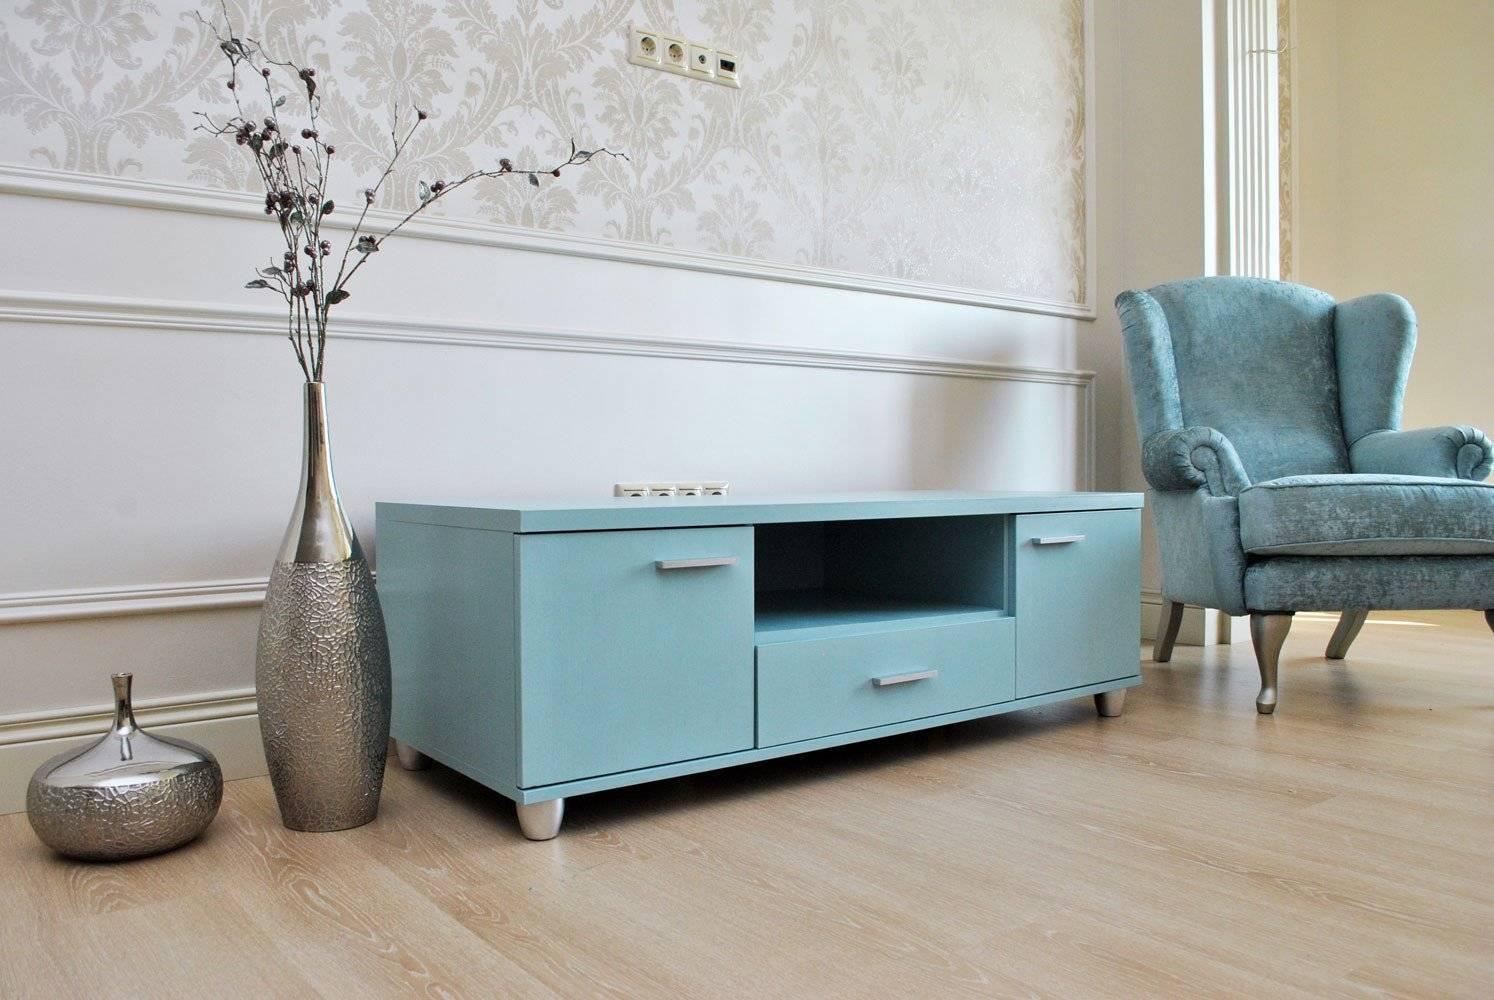 Консоль в гостиную (49 фото): красивые современные модели мебели под тв в интерьере, варианты изделий в стиле барокко и классика